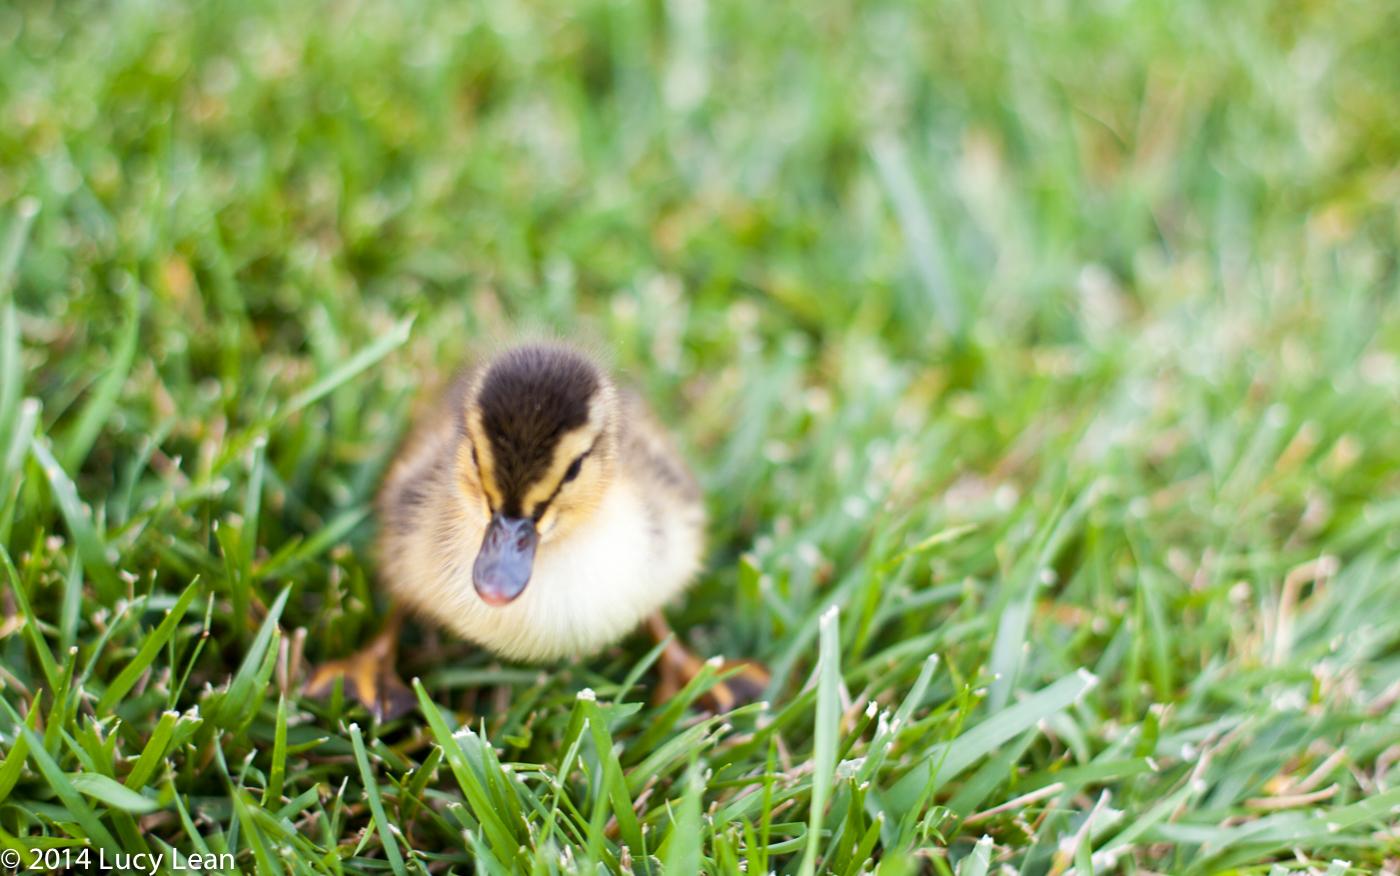 Duck Duck Goose – Scrambled Eggs